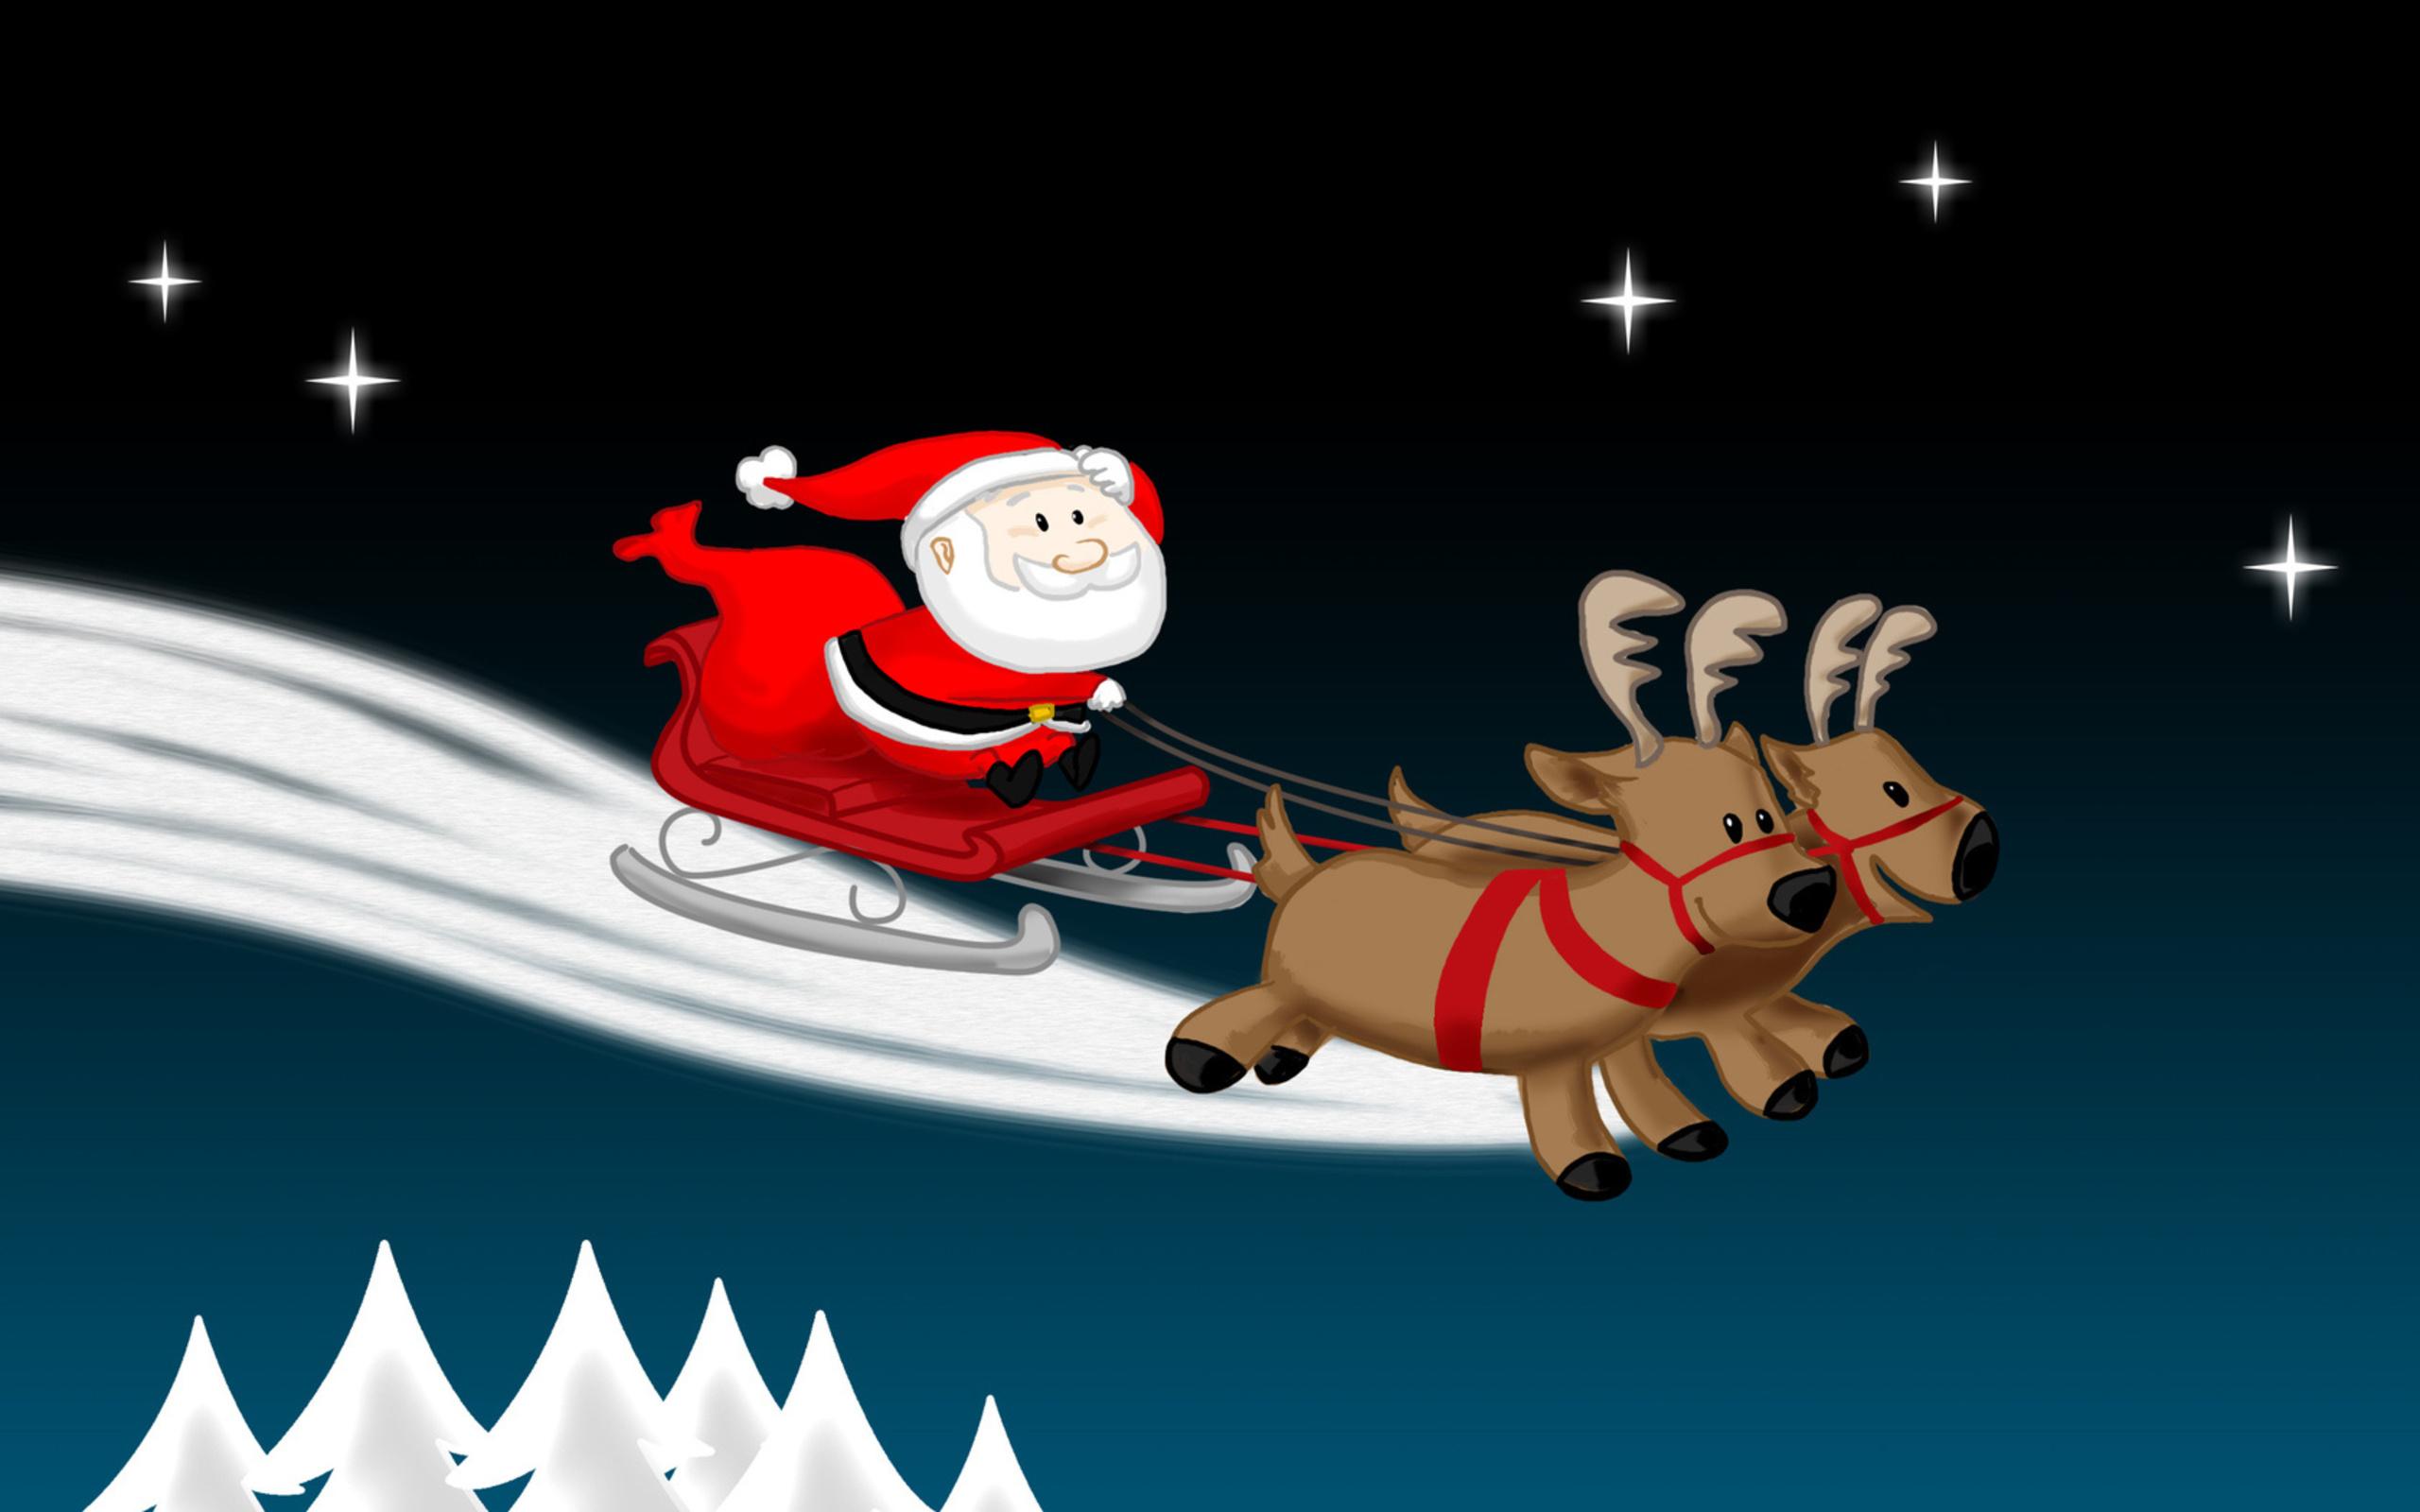 Santa cartoon